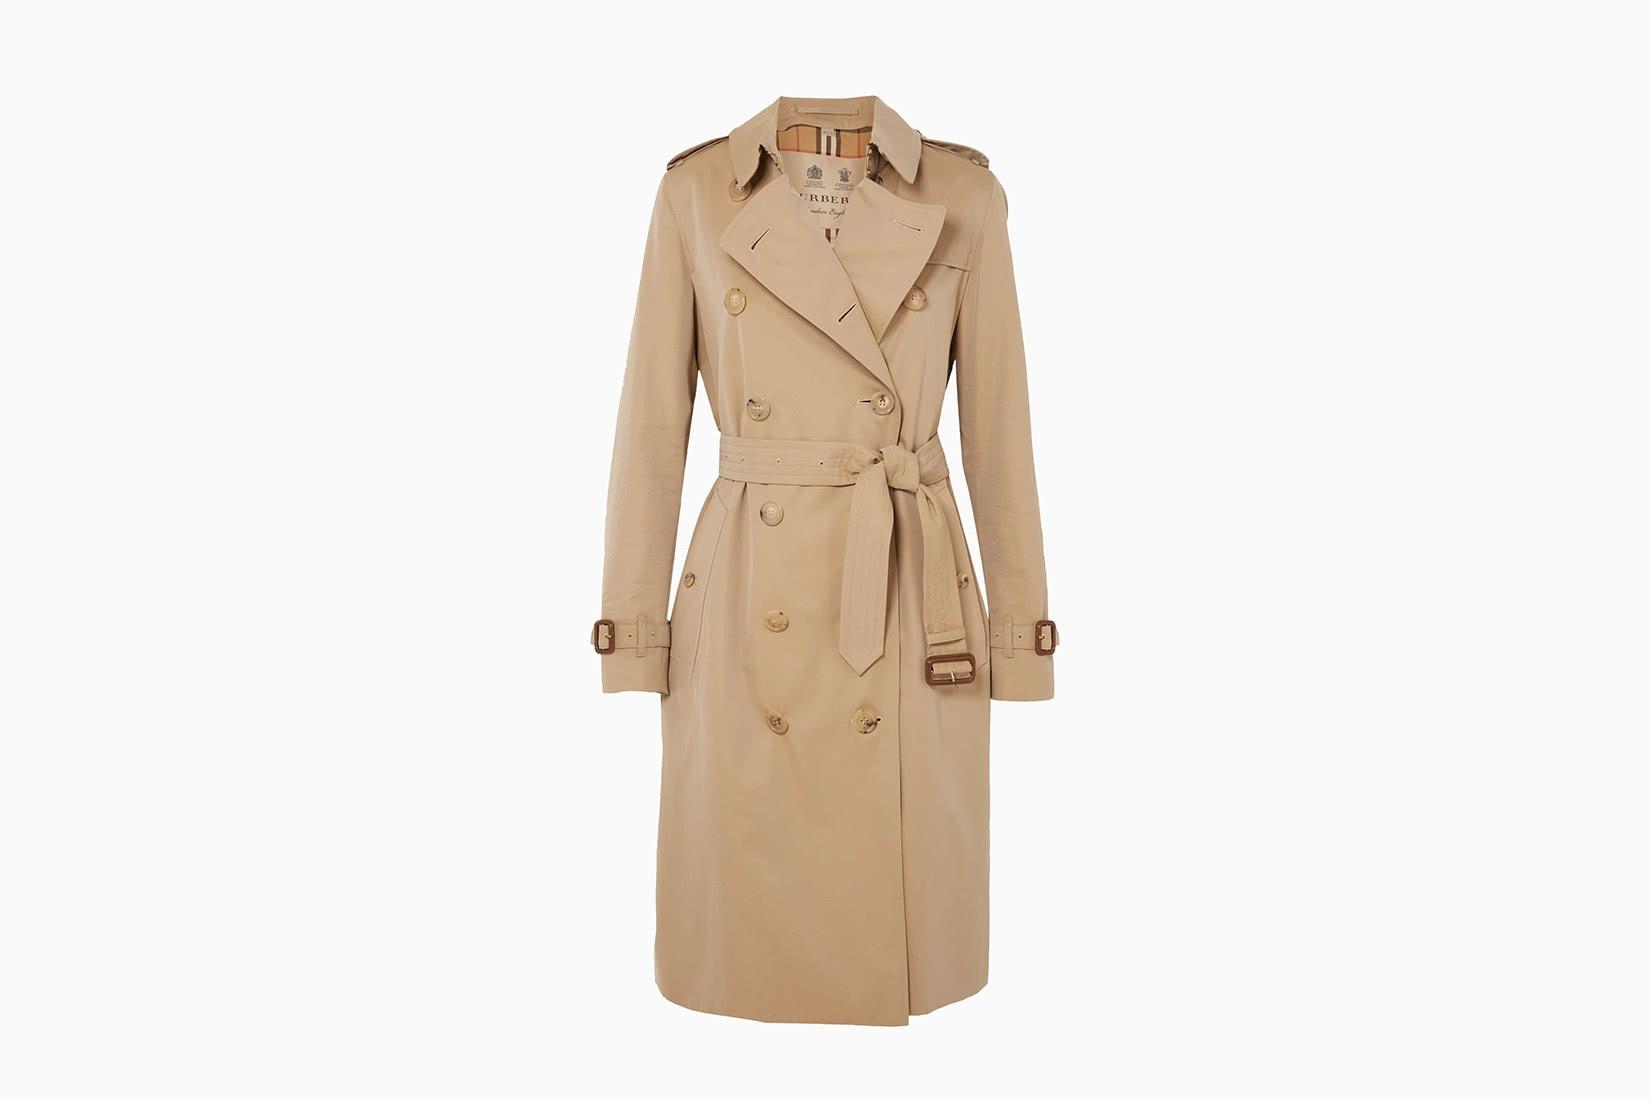 best women trench coat designer burberry - Luxe Digital